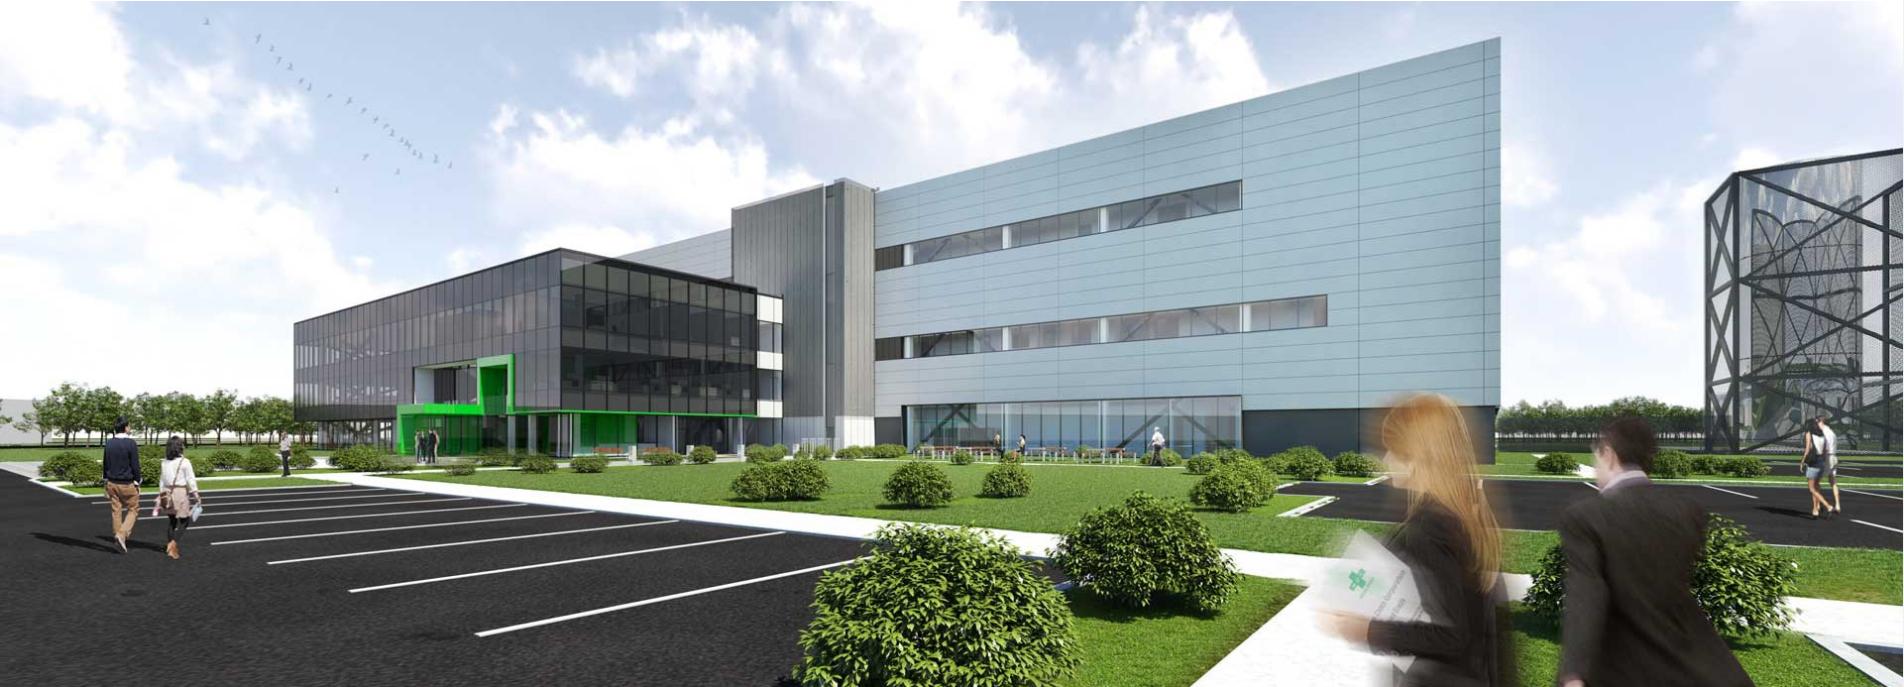 Projet Oasis – Green Cross Biotherapeutics [GCBT]   Complexe pharmaceutique abritant une usine de fractionnement de plasma sanguin de même que le siège social nord-américain de la multinationale sur le campus Saint-Laurent de Technoparc Montréal.  LEED NC Certifié visé  Prix d'excellence – Industriel [2016], Institut canadien de la construction en acier   Partenaire : NFOE